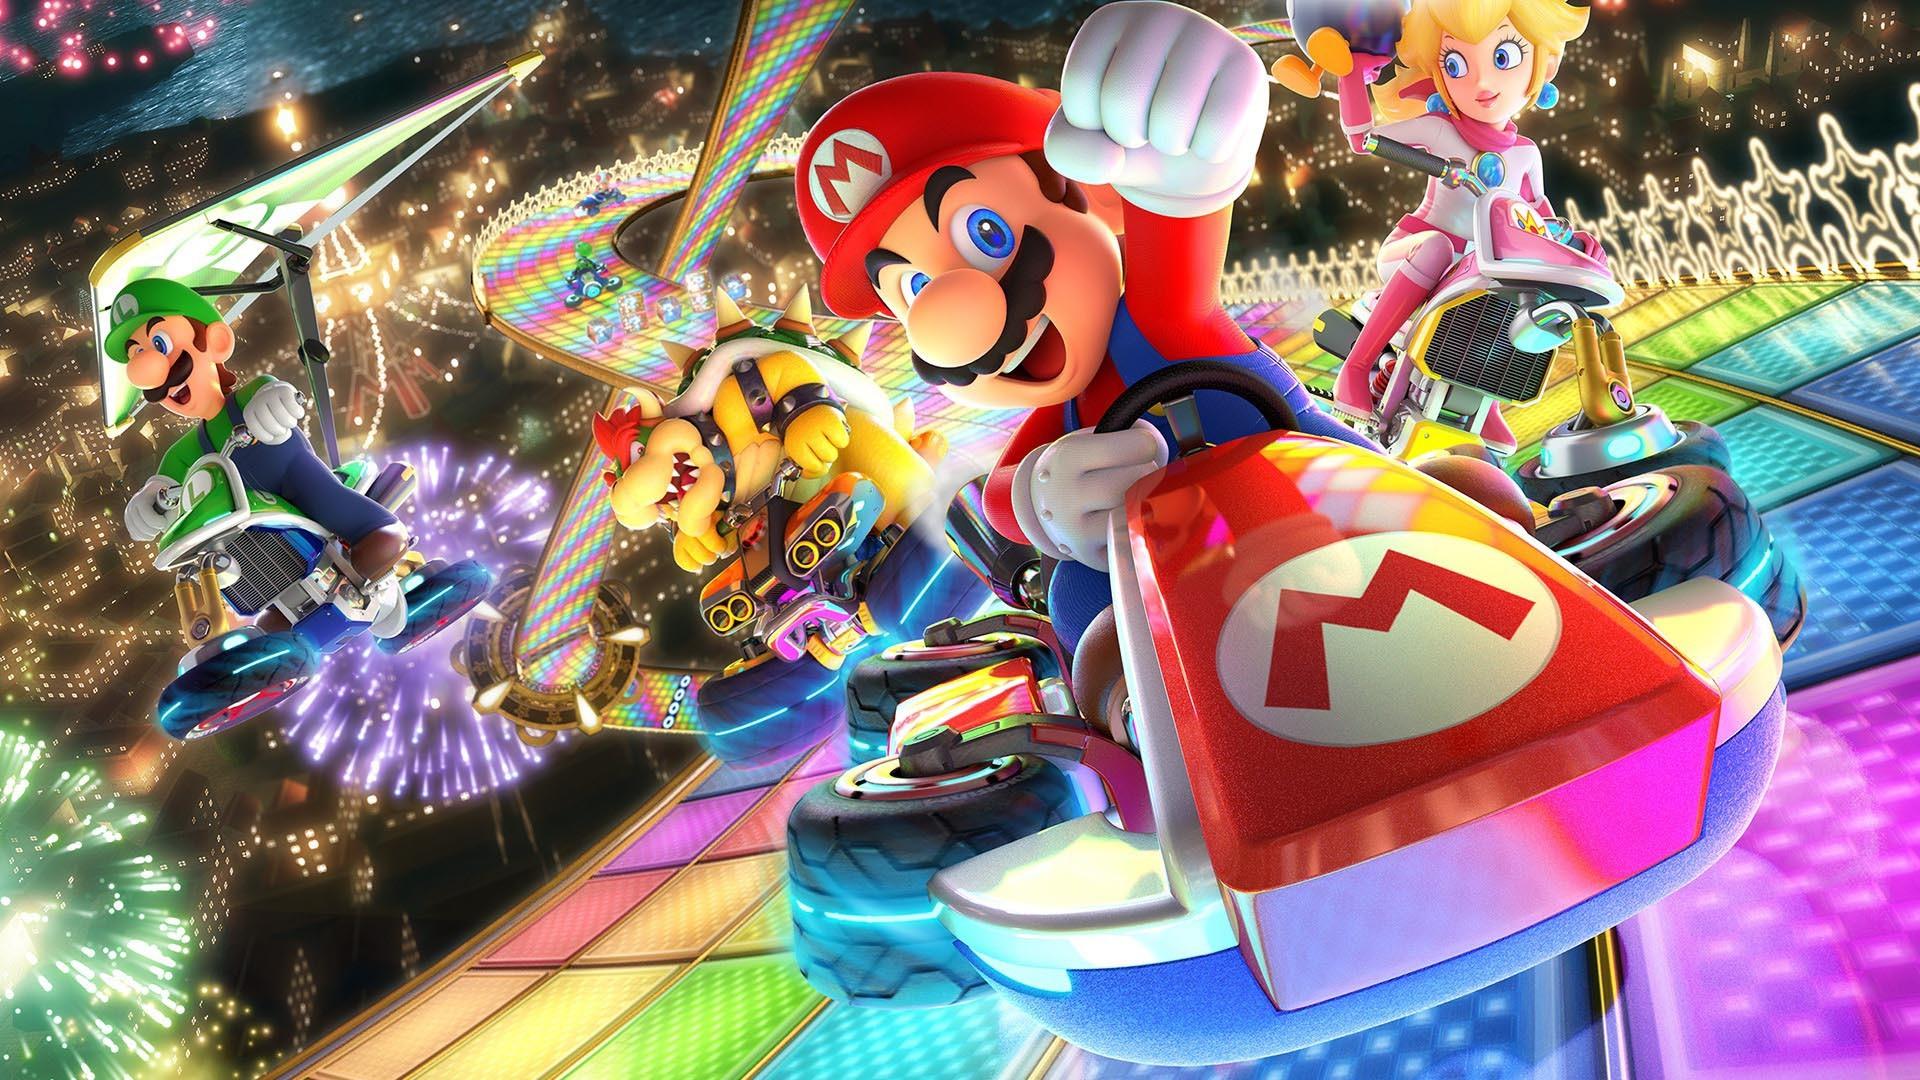 Mario Kart 8 Deluxe Nintendo Switch wallpaper